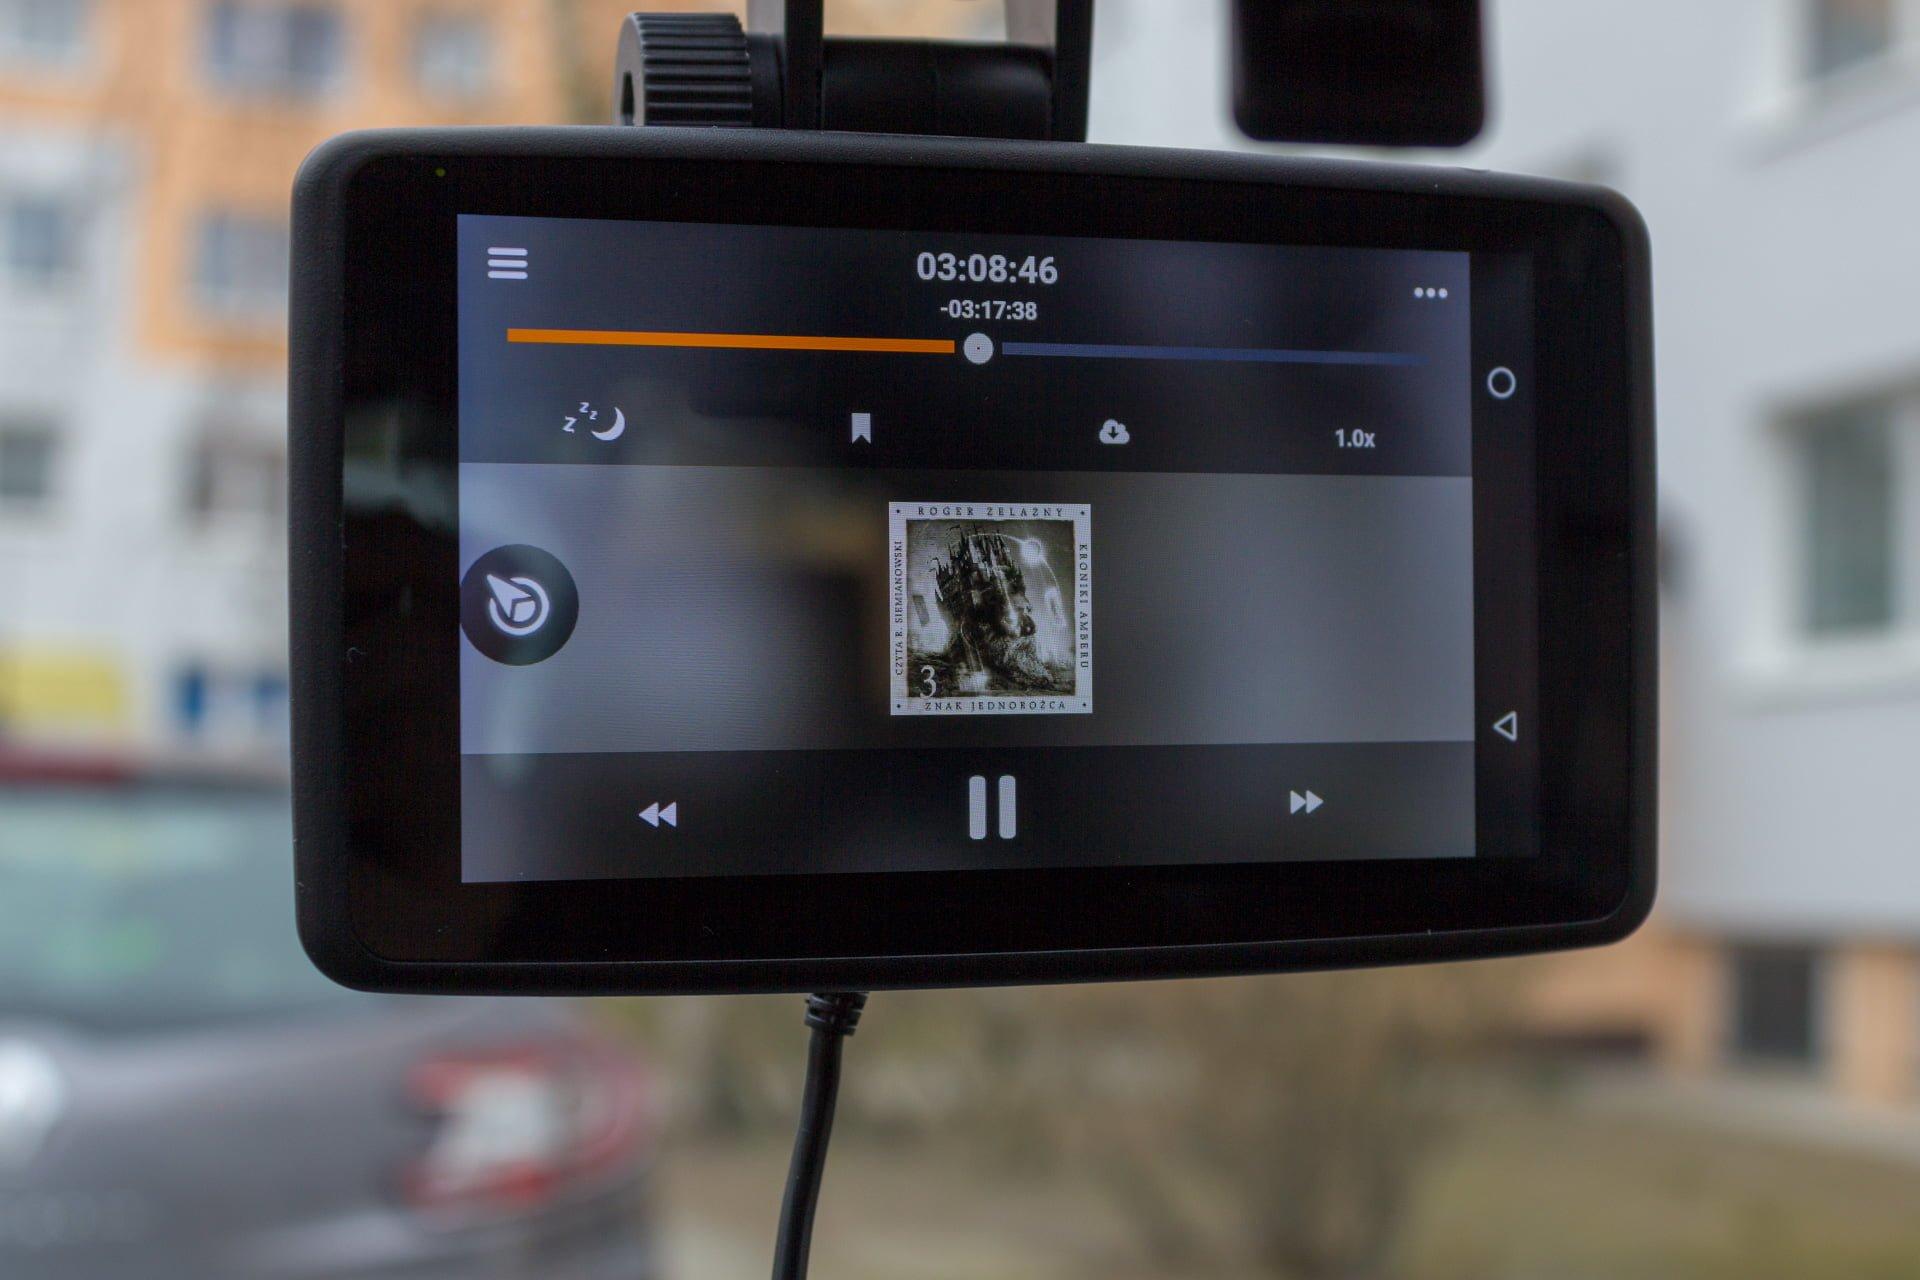 Recenzja NavRoad UNI, czyli co się stanie, gdy nawigacja spotka smartfona i kamerę 30